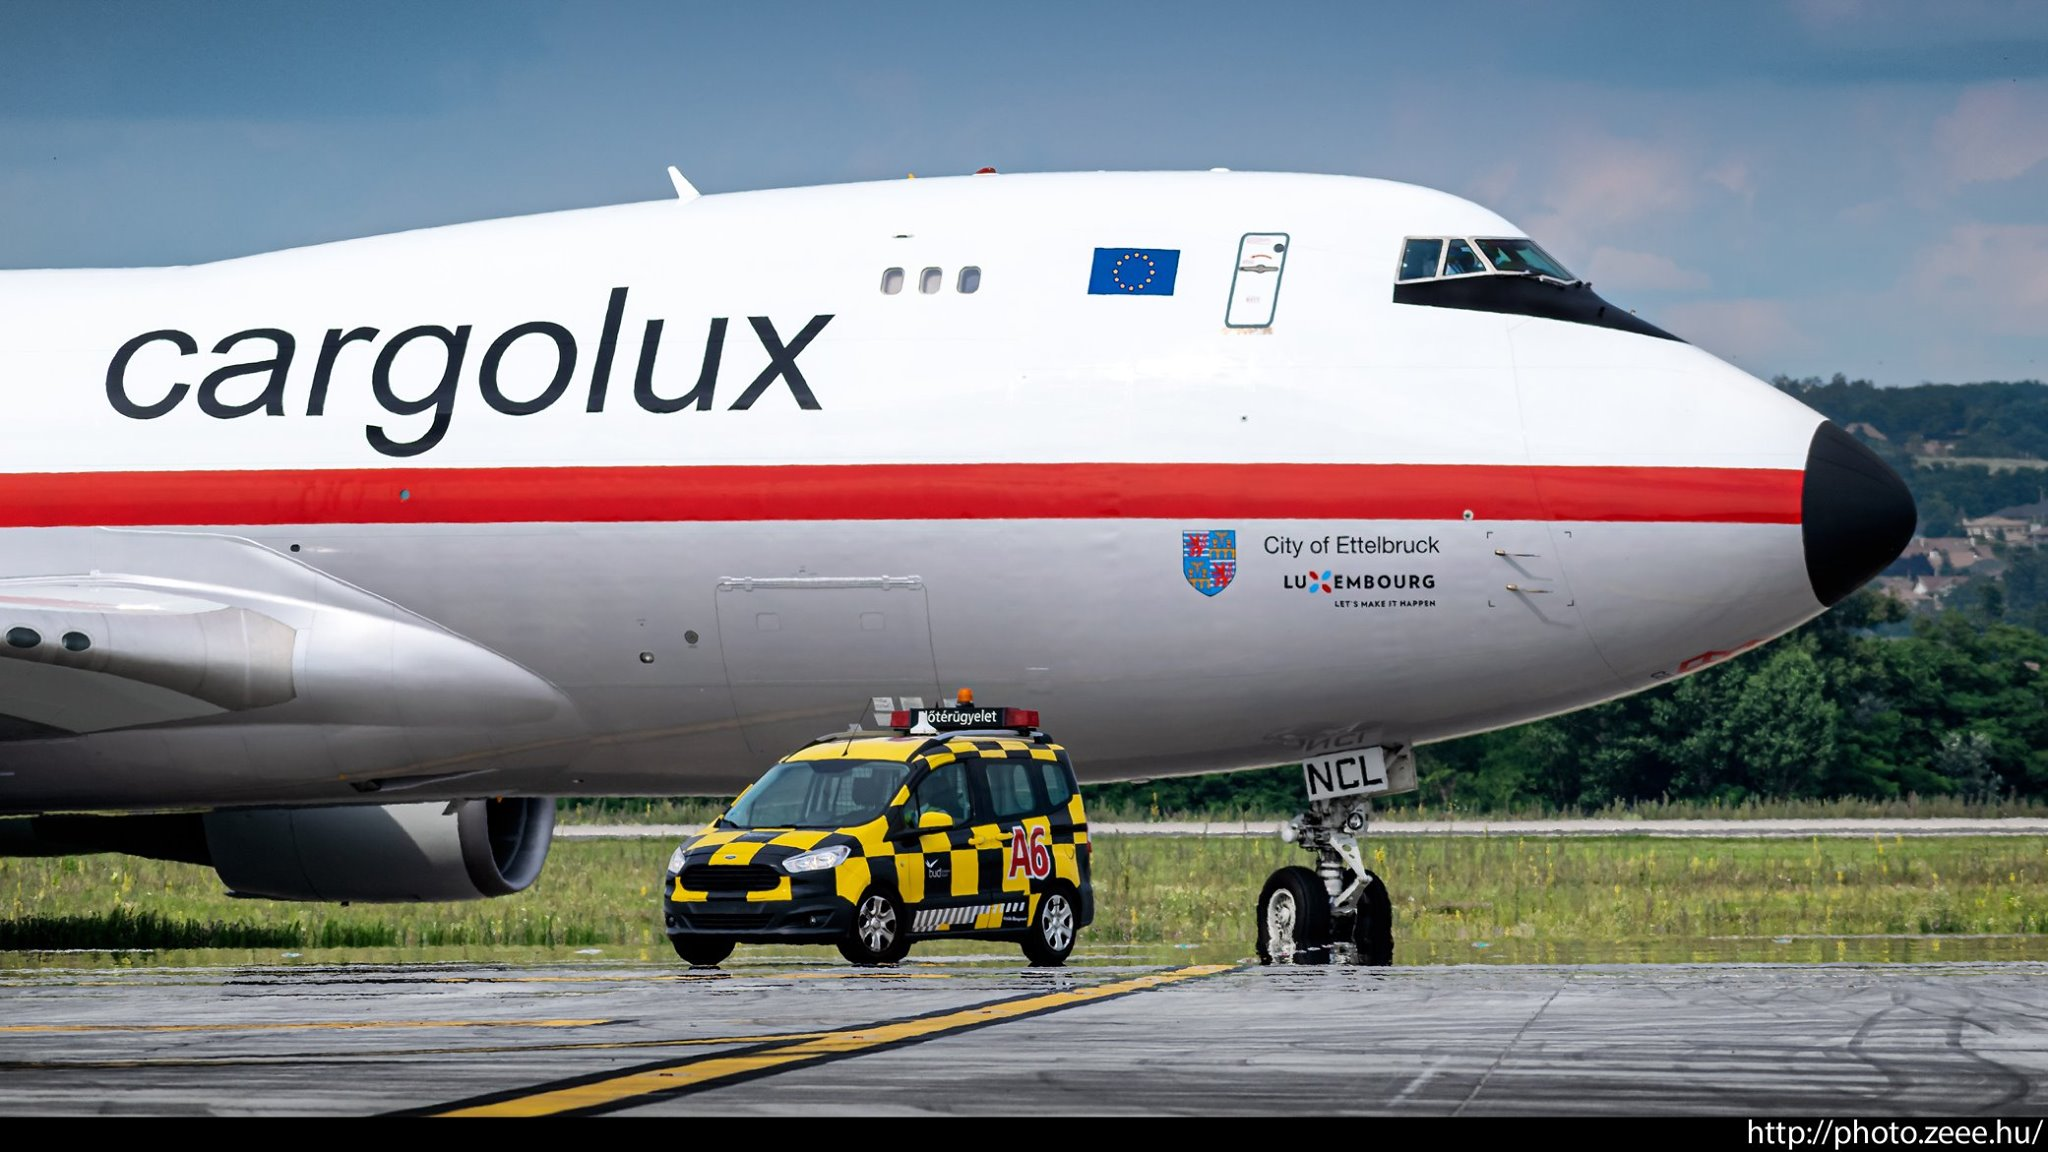 cargolux airport